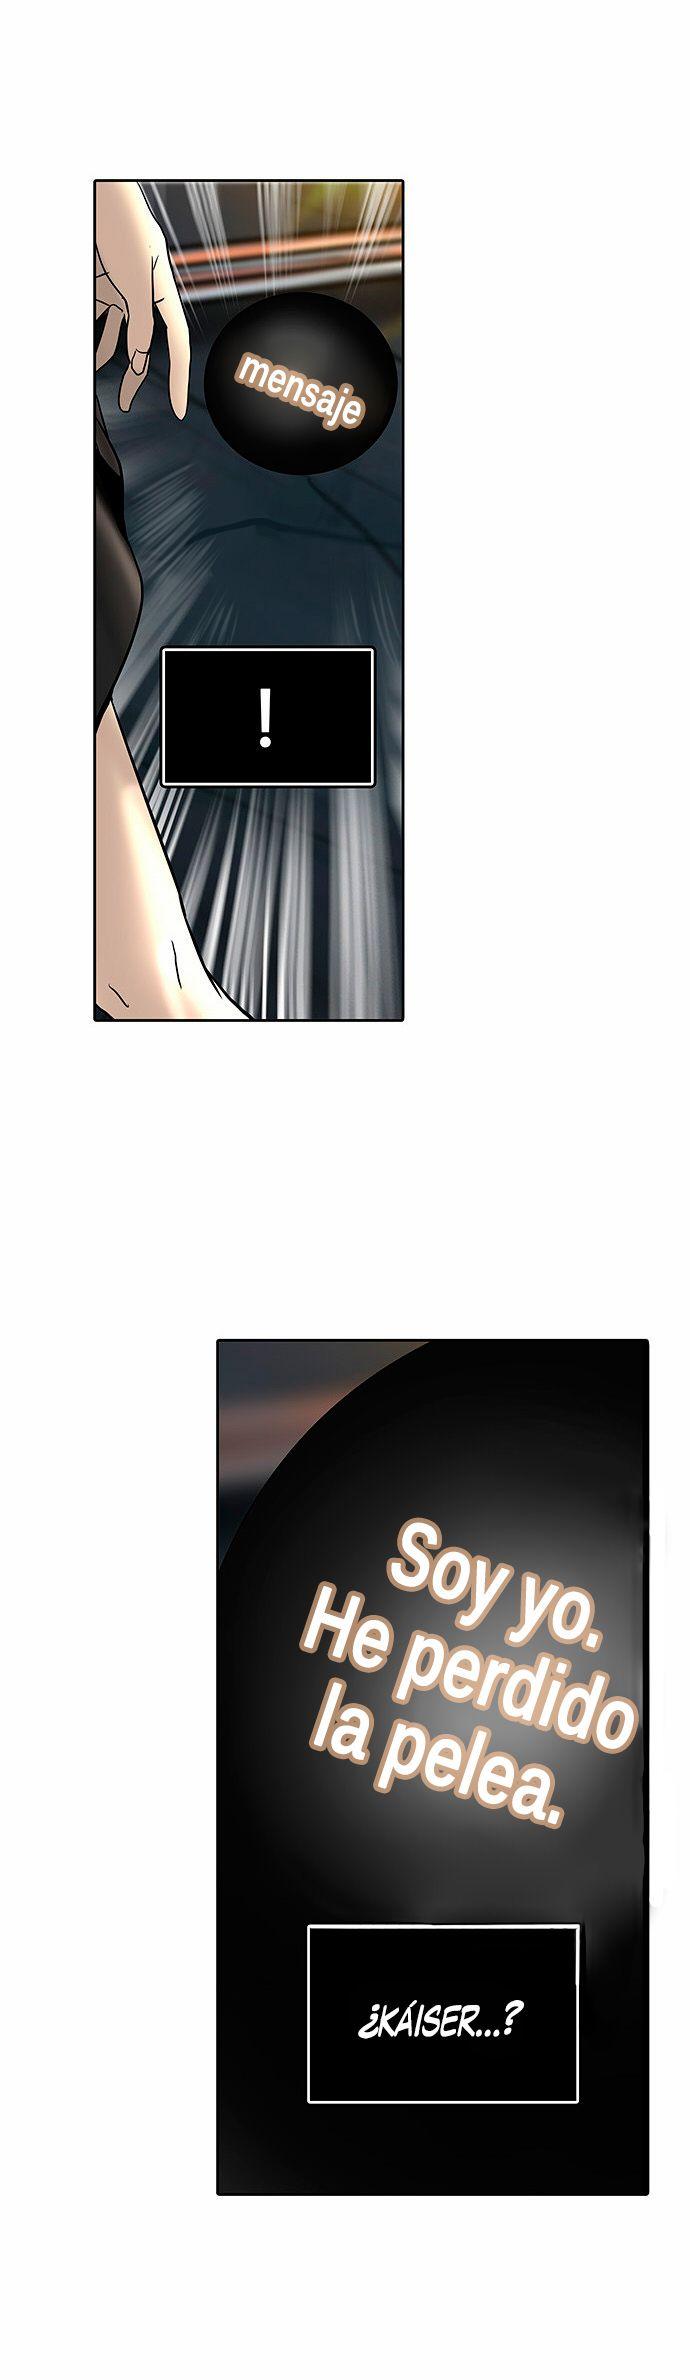 http://c5.ninemanga.com/es_manga/pic2/21/149/512547/2ff04af5c3d34a54e4b559849f9ddae2.jpg Page 20